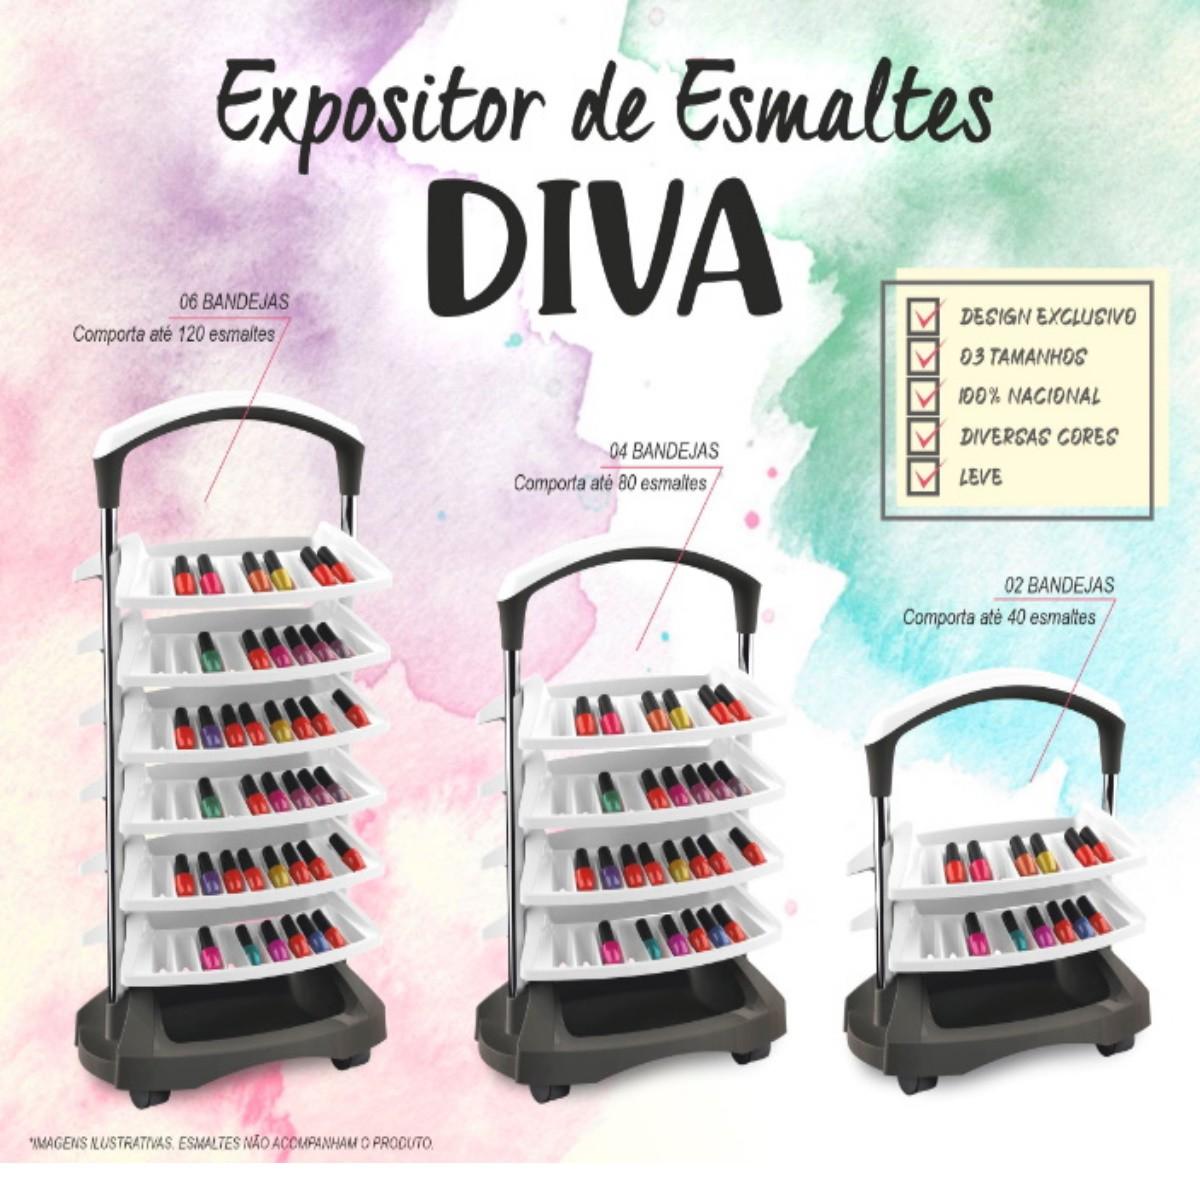 Carrinho Expositor de Esmaltes Diva 2 Bandejas (40 Esmaltes) Lilás e Preto